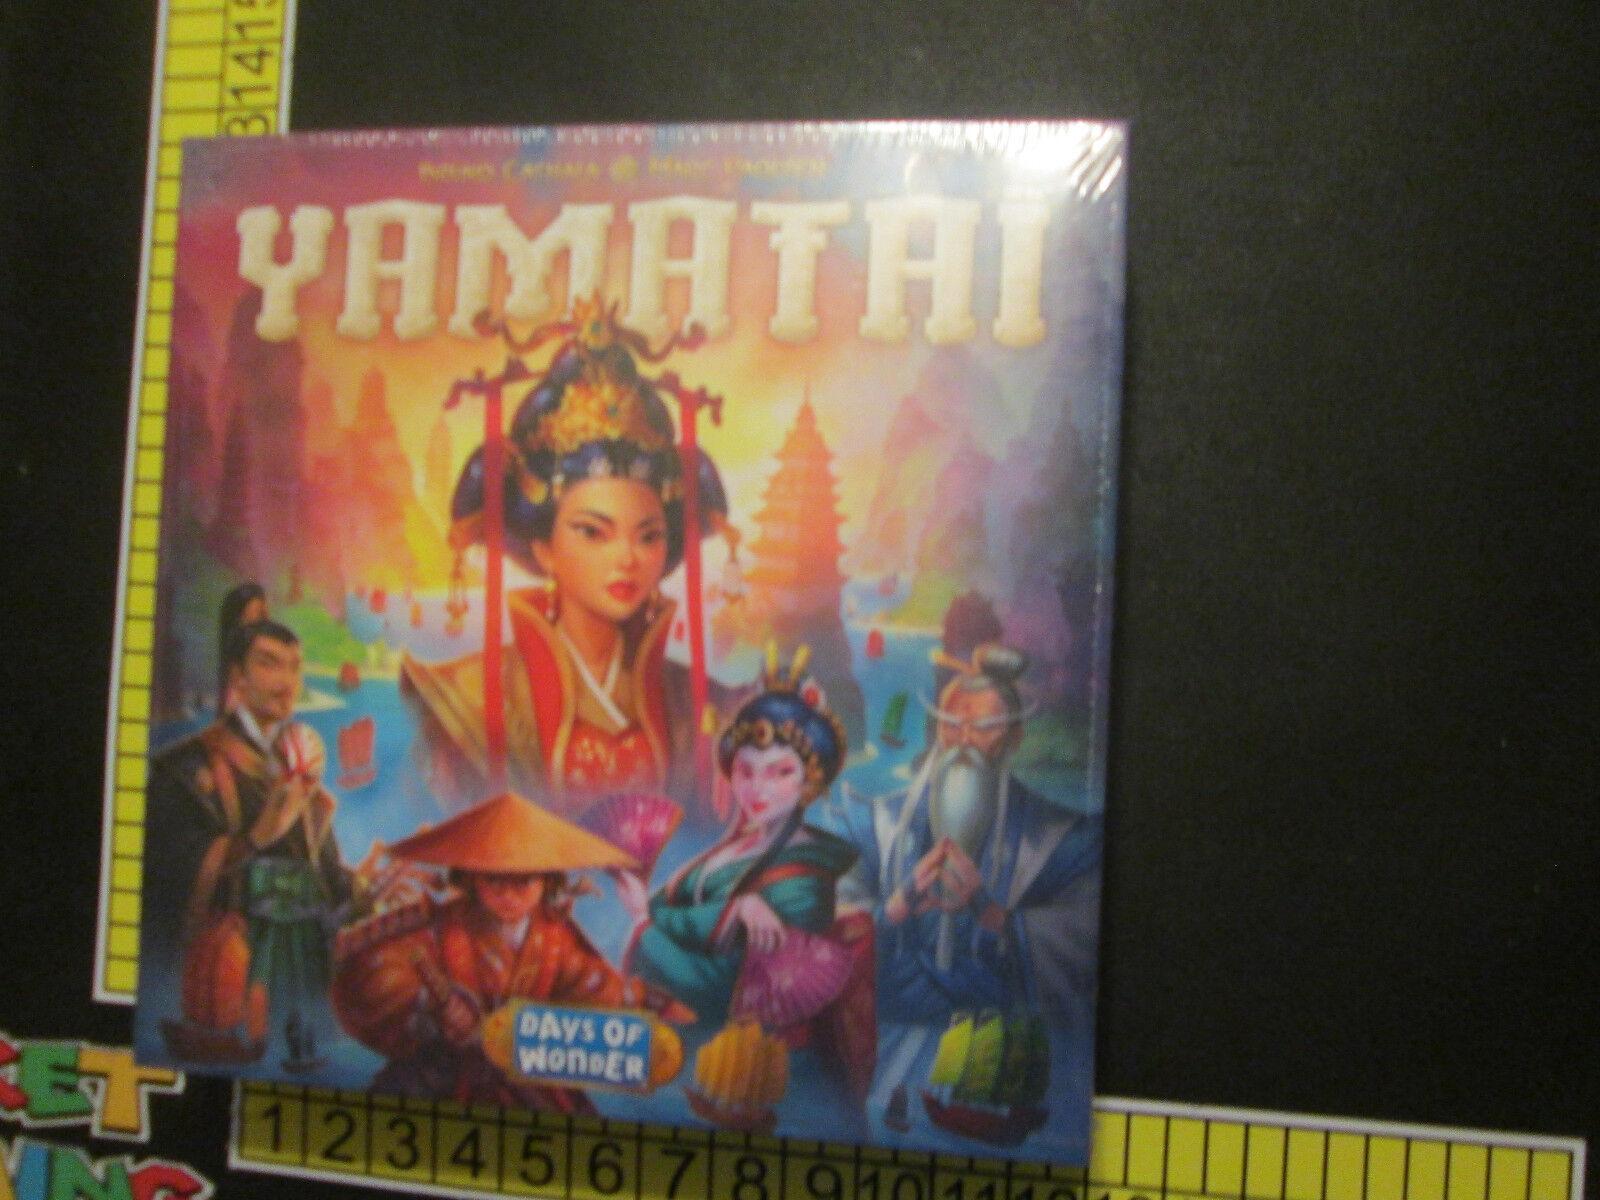 Yamatai para reina Himiko's Smile-días de maravilla (copia francés)